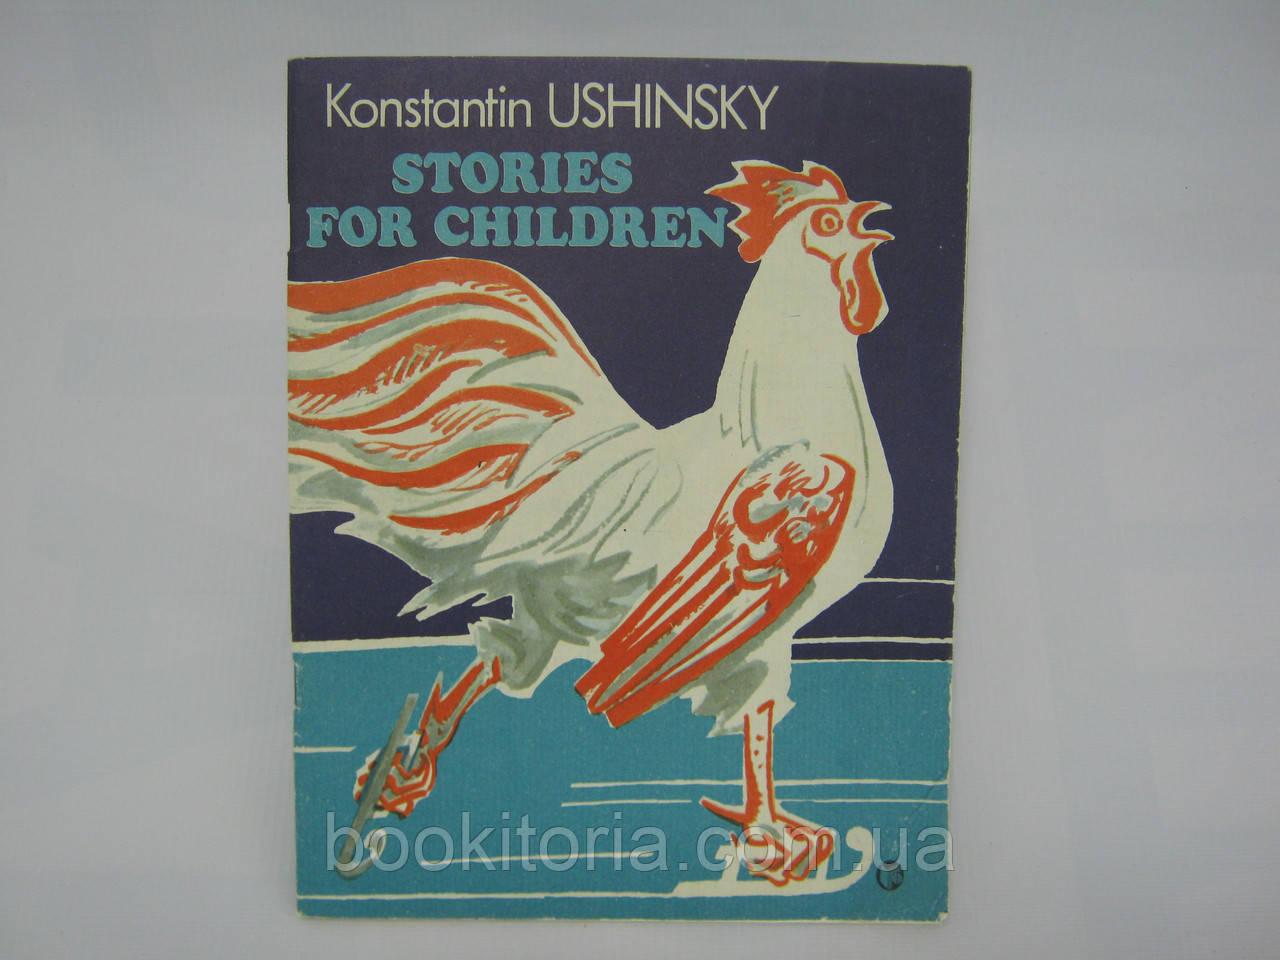 Ушинский К. Рассказы и сказки. Ushinsky K. Stories for Children (б/у).